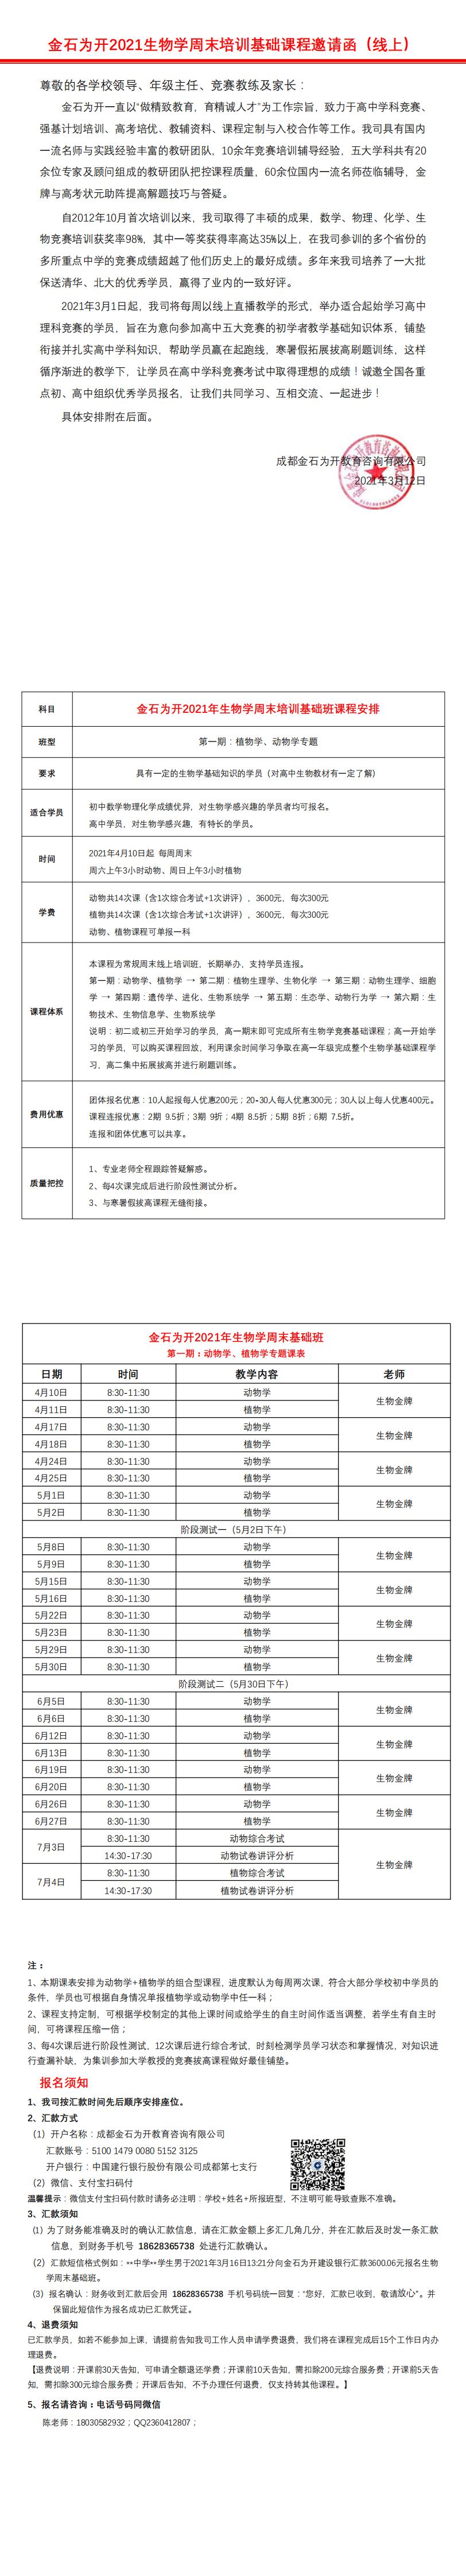 金石为开2021年生物学周末基础班课程邀请函(线上)(3)_0.png